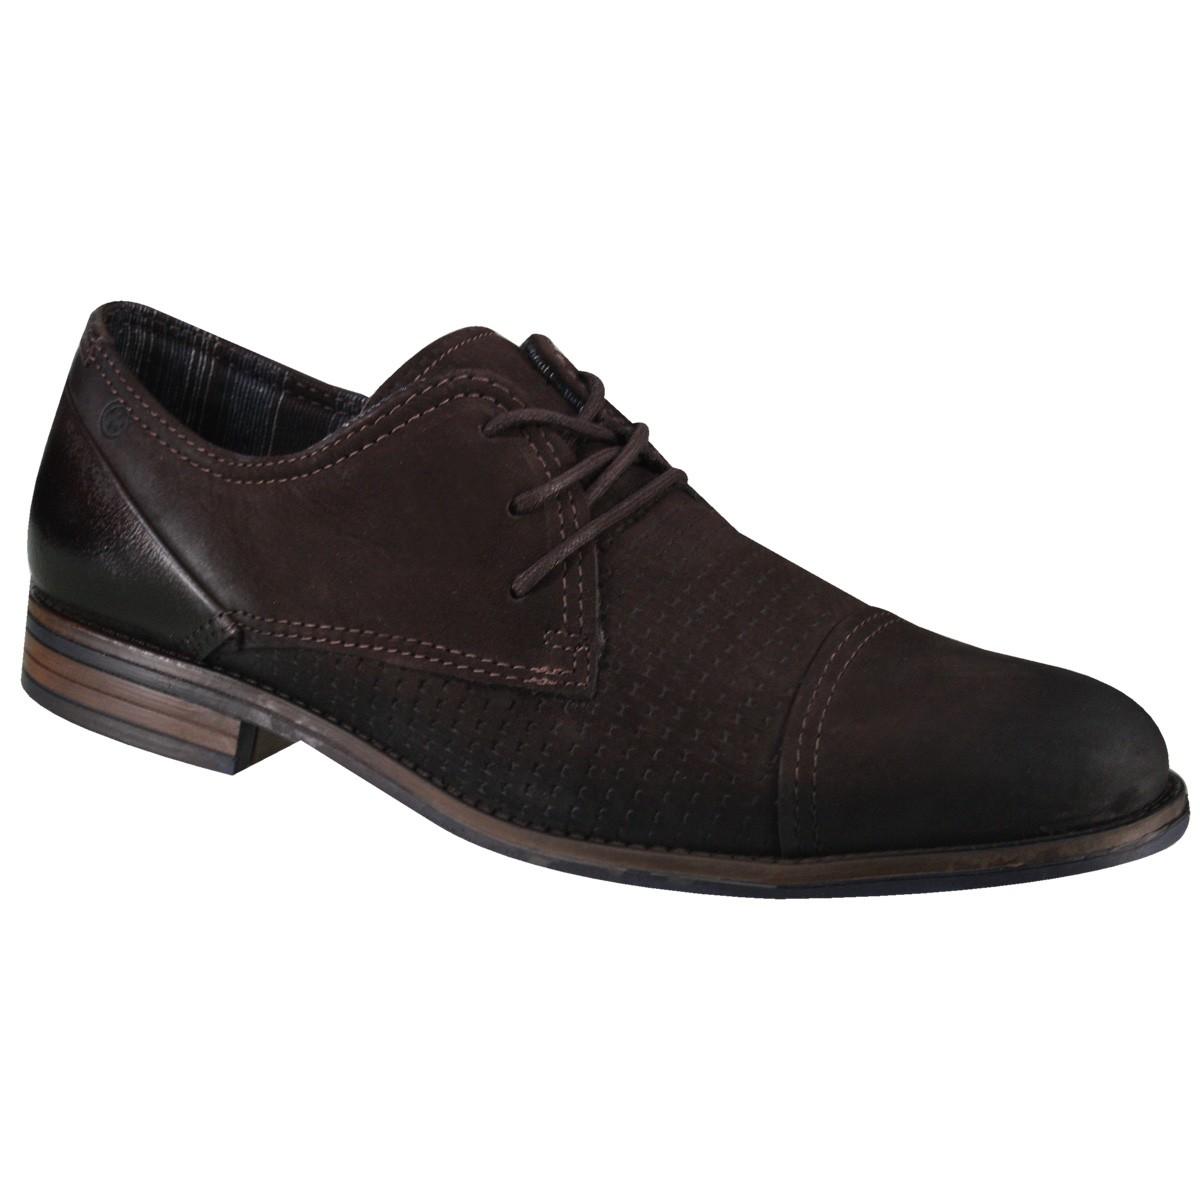 8eea9d429a Amplie a imagem. Sapato Masculino Pegada  Sapato Masculino Pegada 2  Sapato  Masculino Pegada 3  Sapato ...